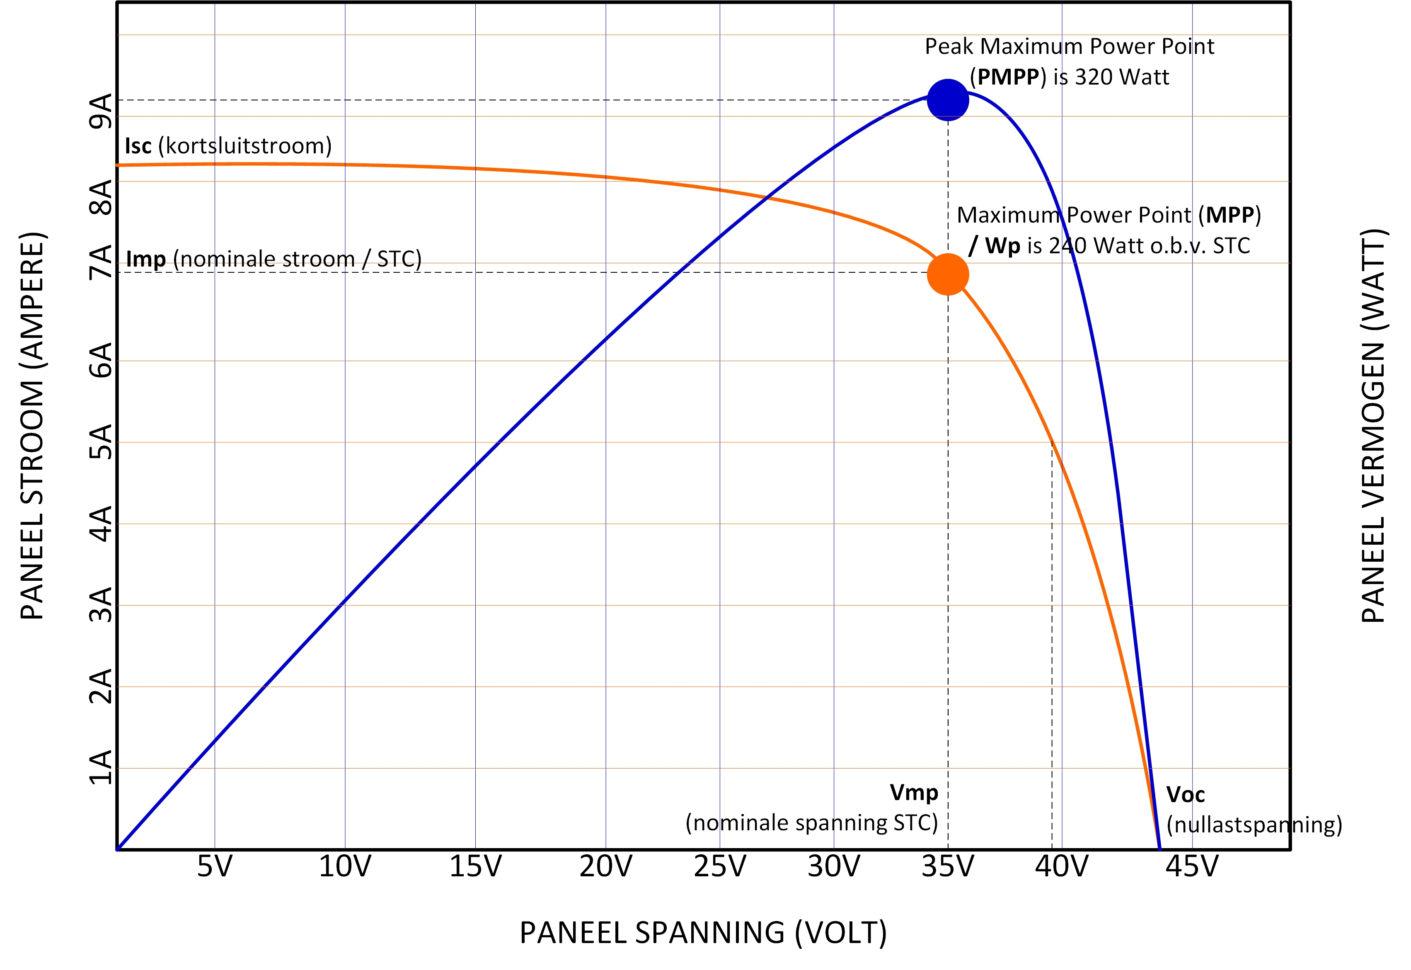 Spreadsheet Opbrengst Zonnepanelen Pertaining To Opbrengstvariabelen Voor Zonnepanelen  De Groene Energie Maatschappij